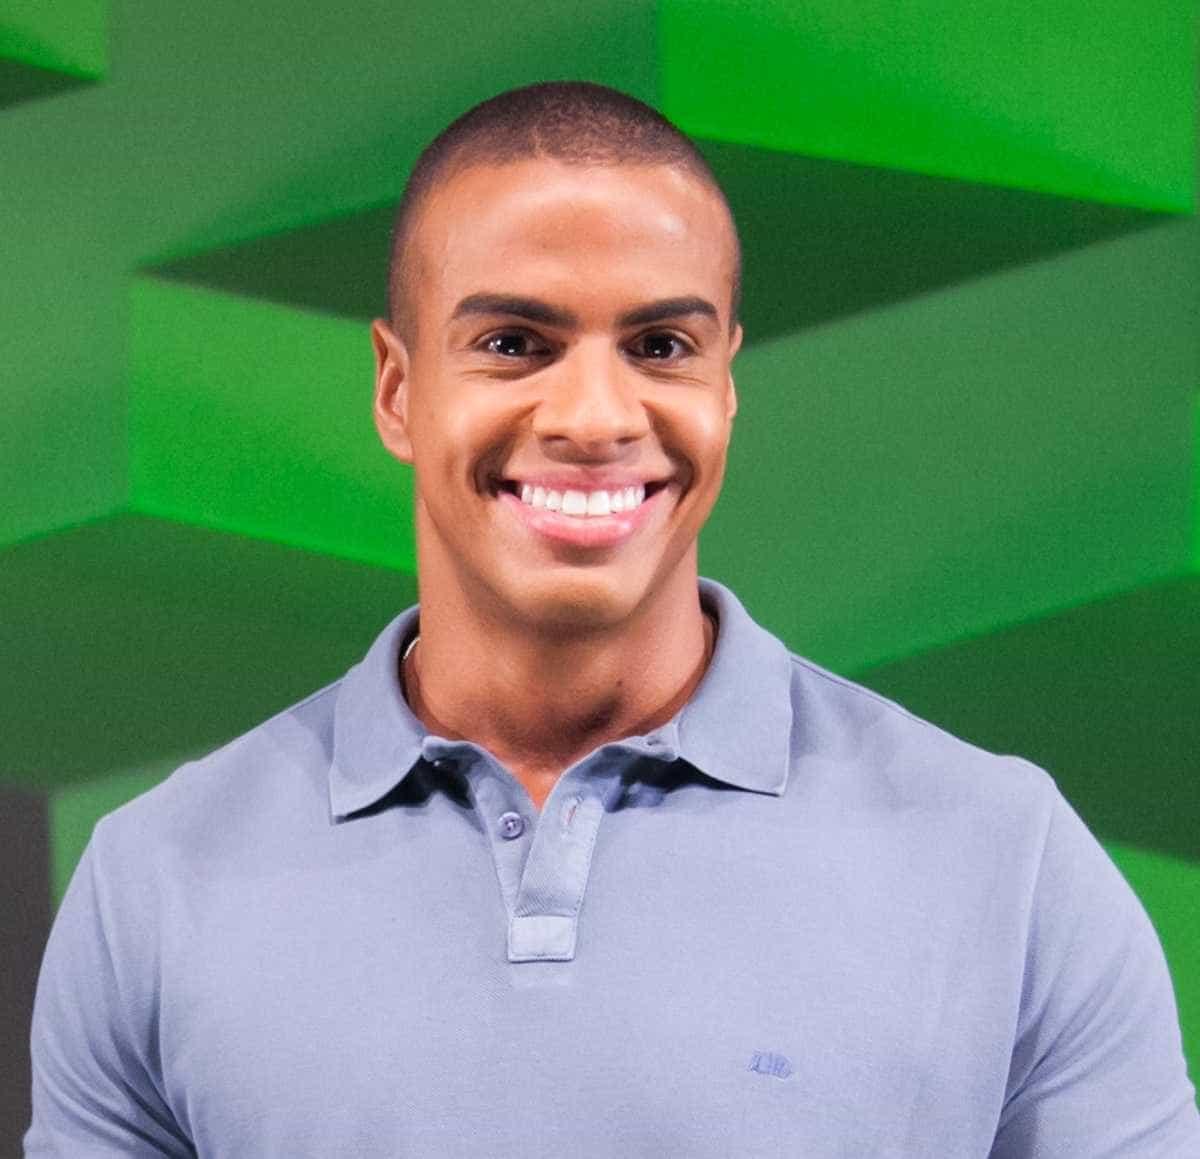 Sucesso na Copa, apresentador é promovido na Globo e causa mal-estar